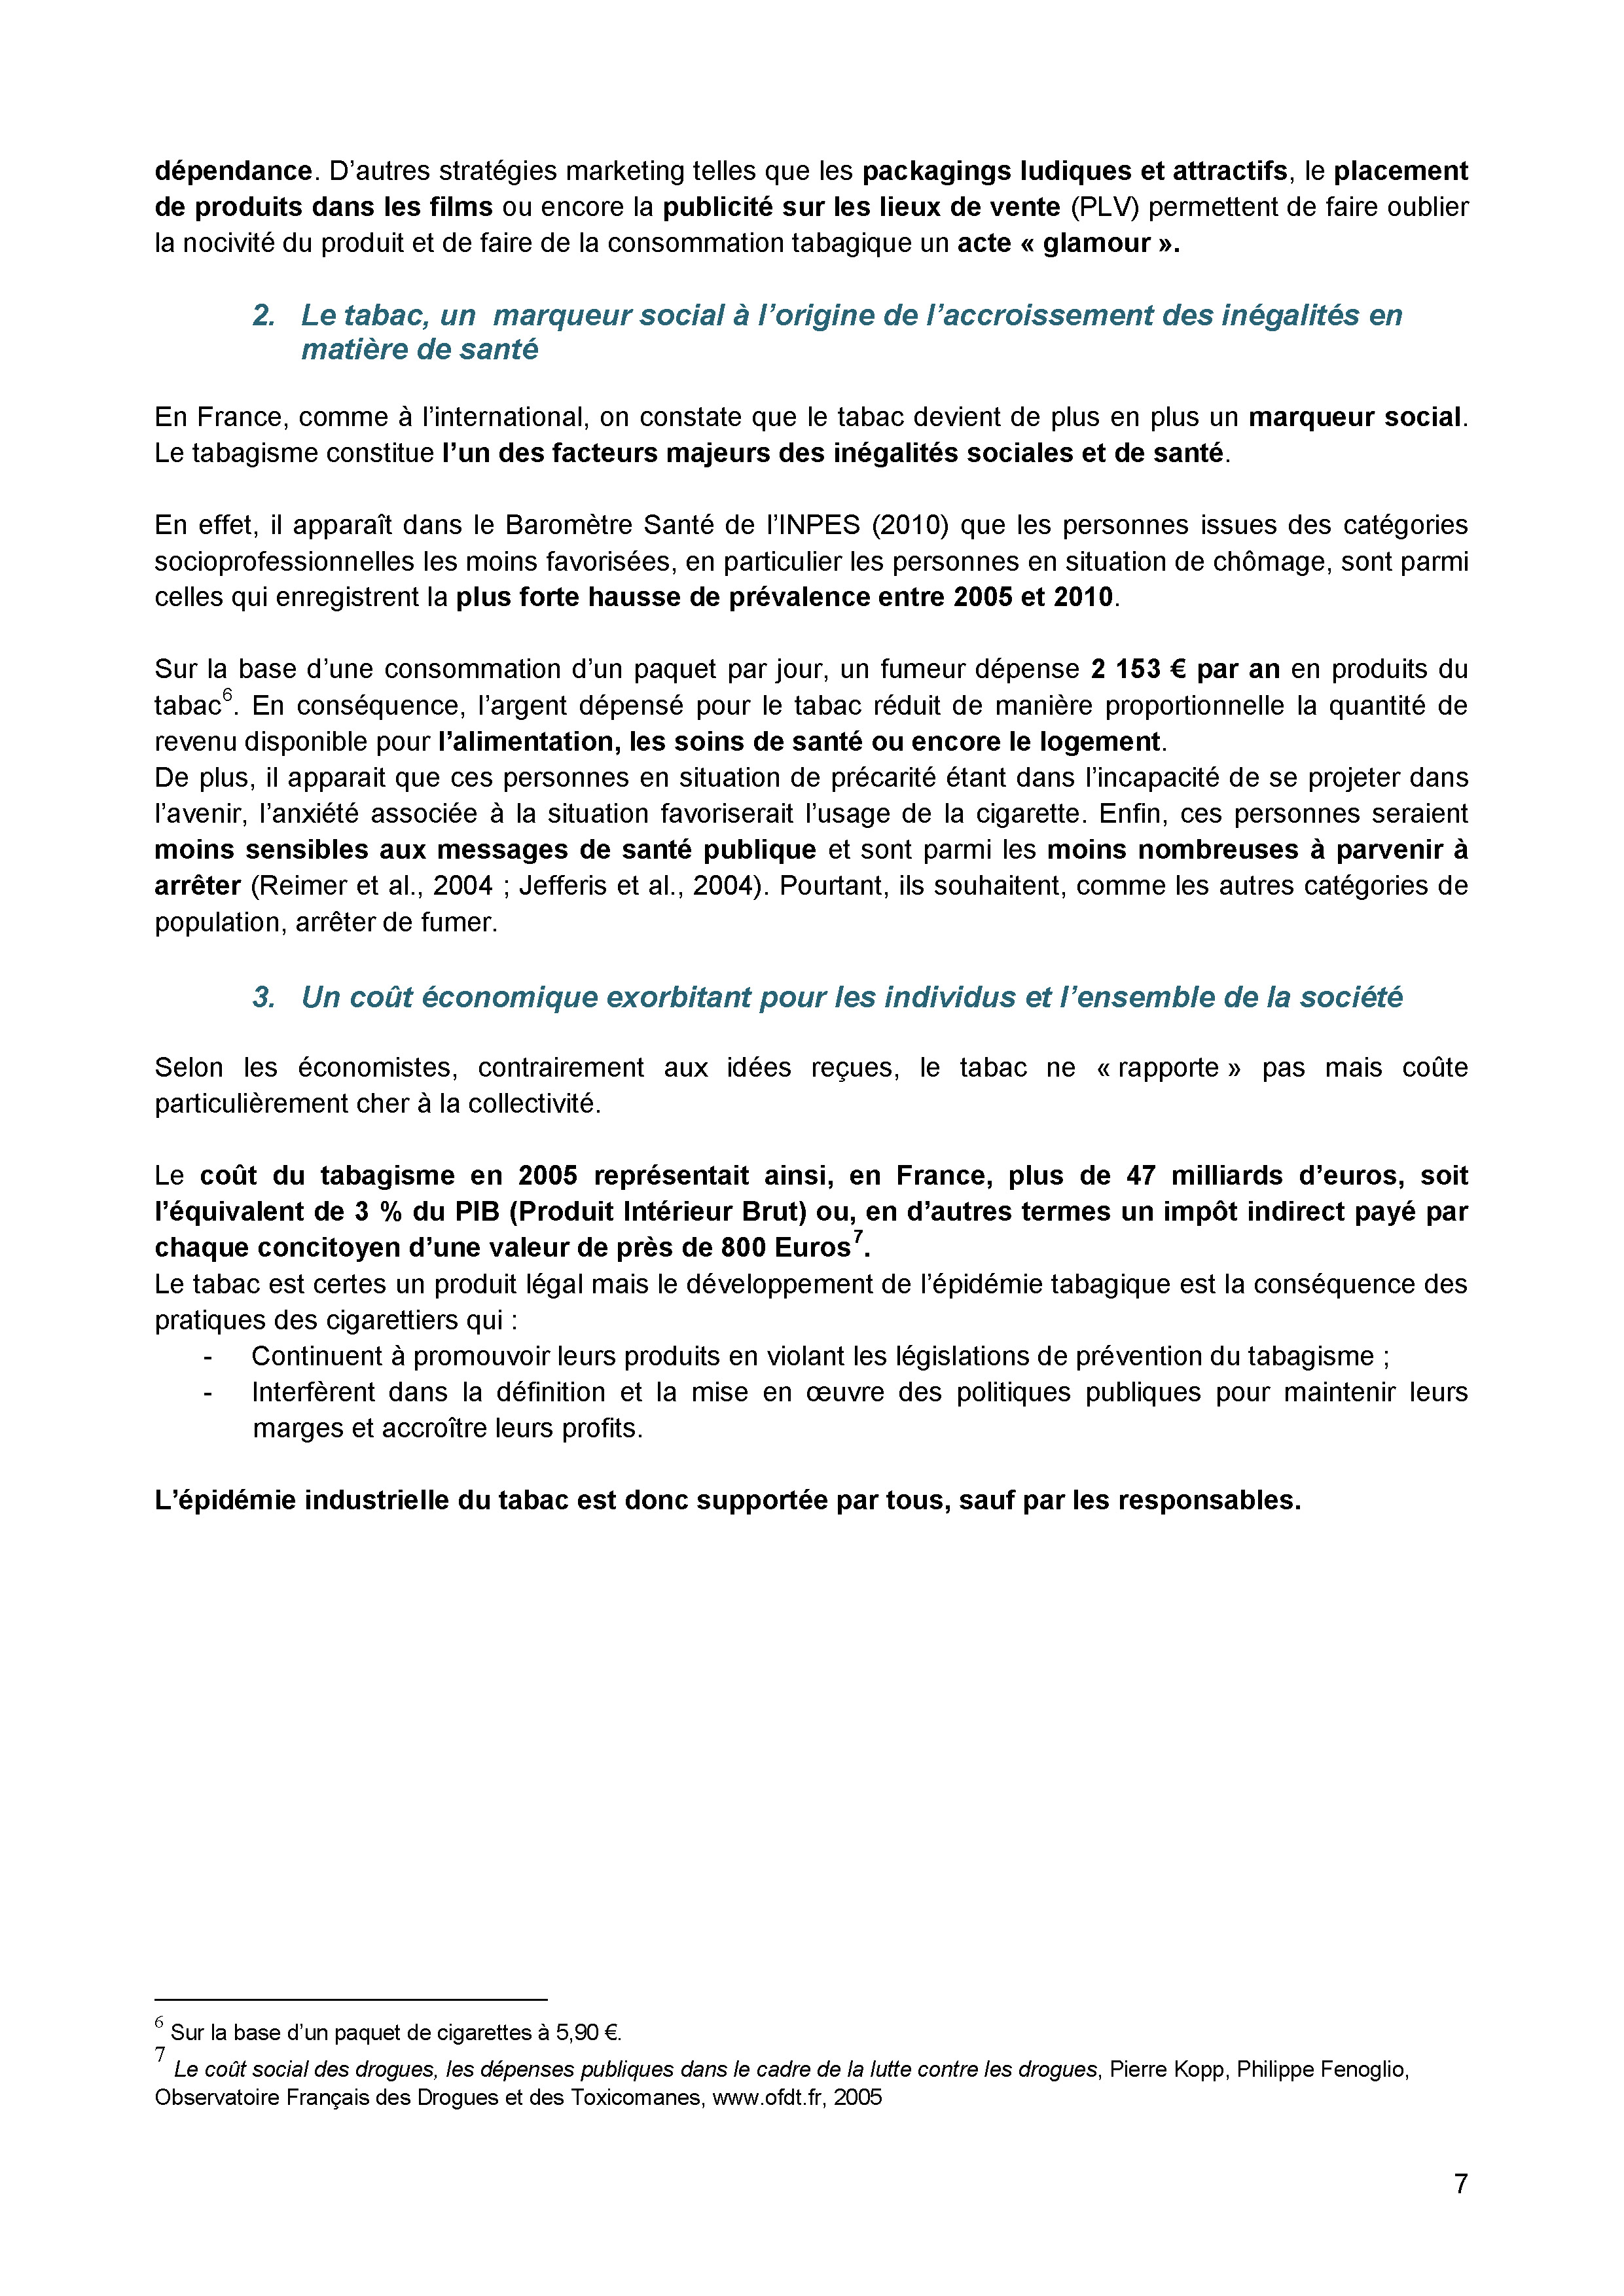 CNCT-DP-l-envers-du-decor-17mai2011_Page_07.jpg